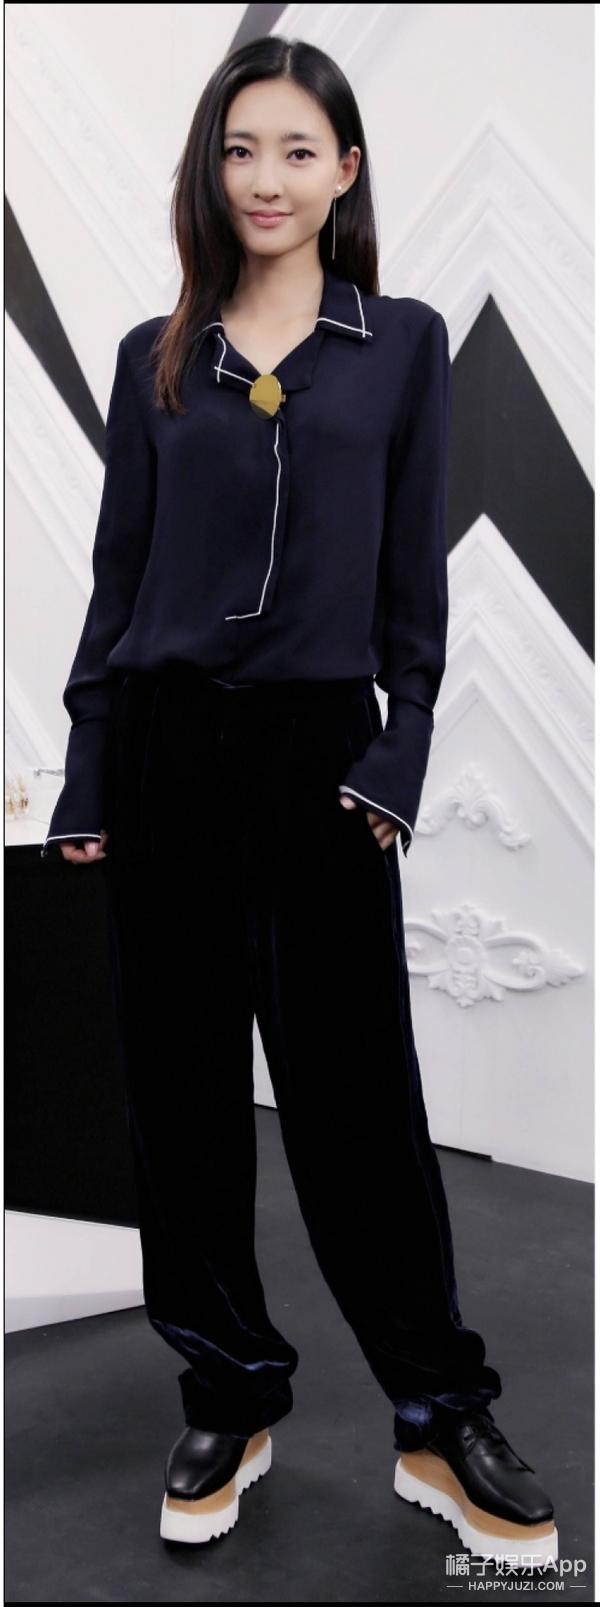 【撞衫】张俪撞王子文,朱丹更是一撞三!现在时尚圈都流行扎堆撞衫吗?